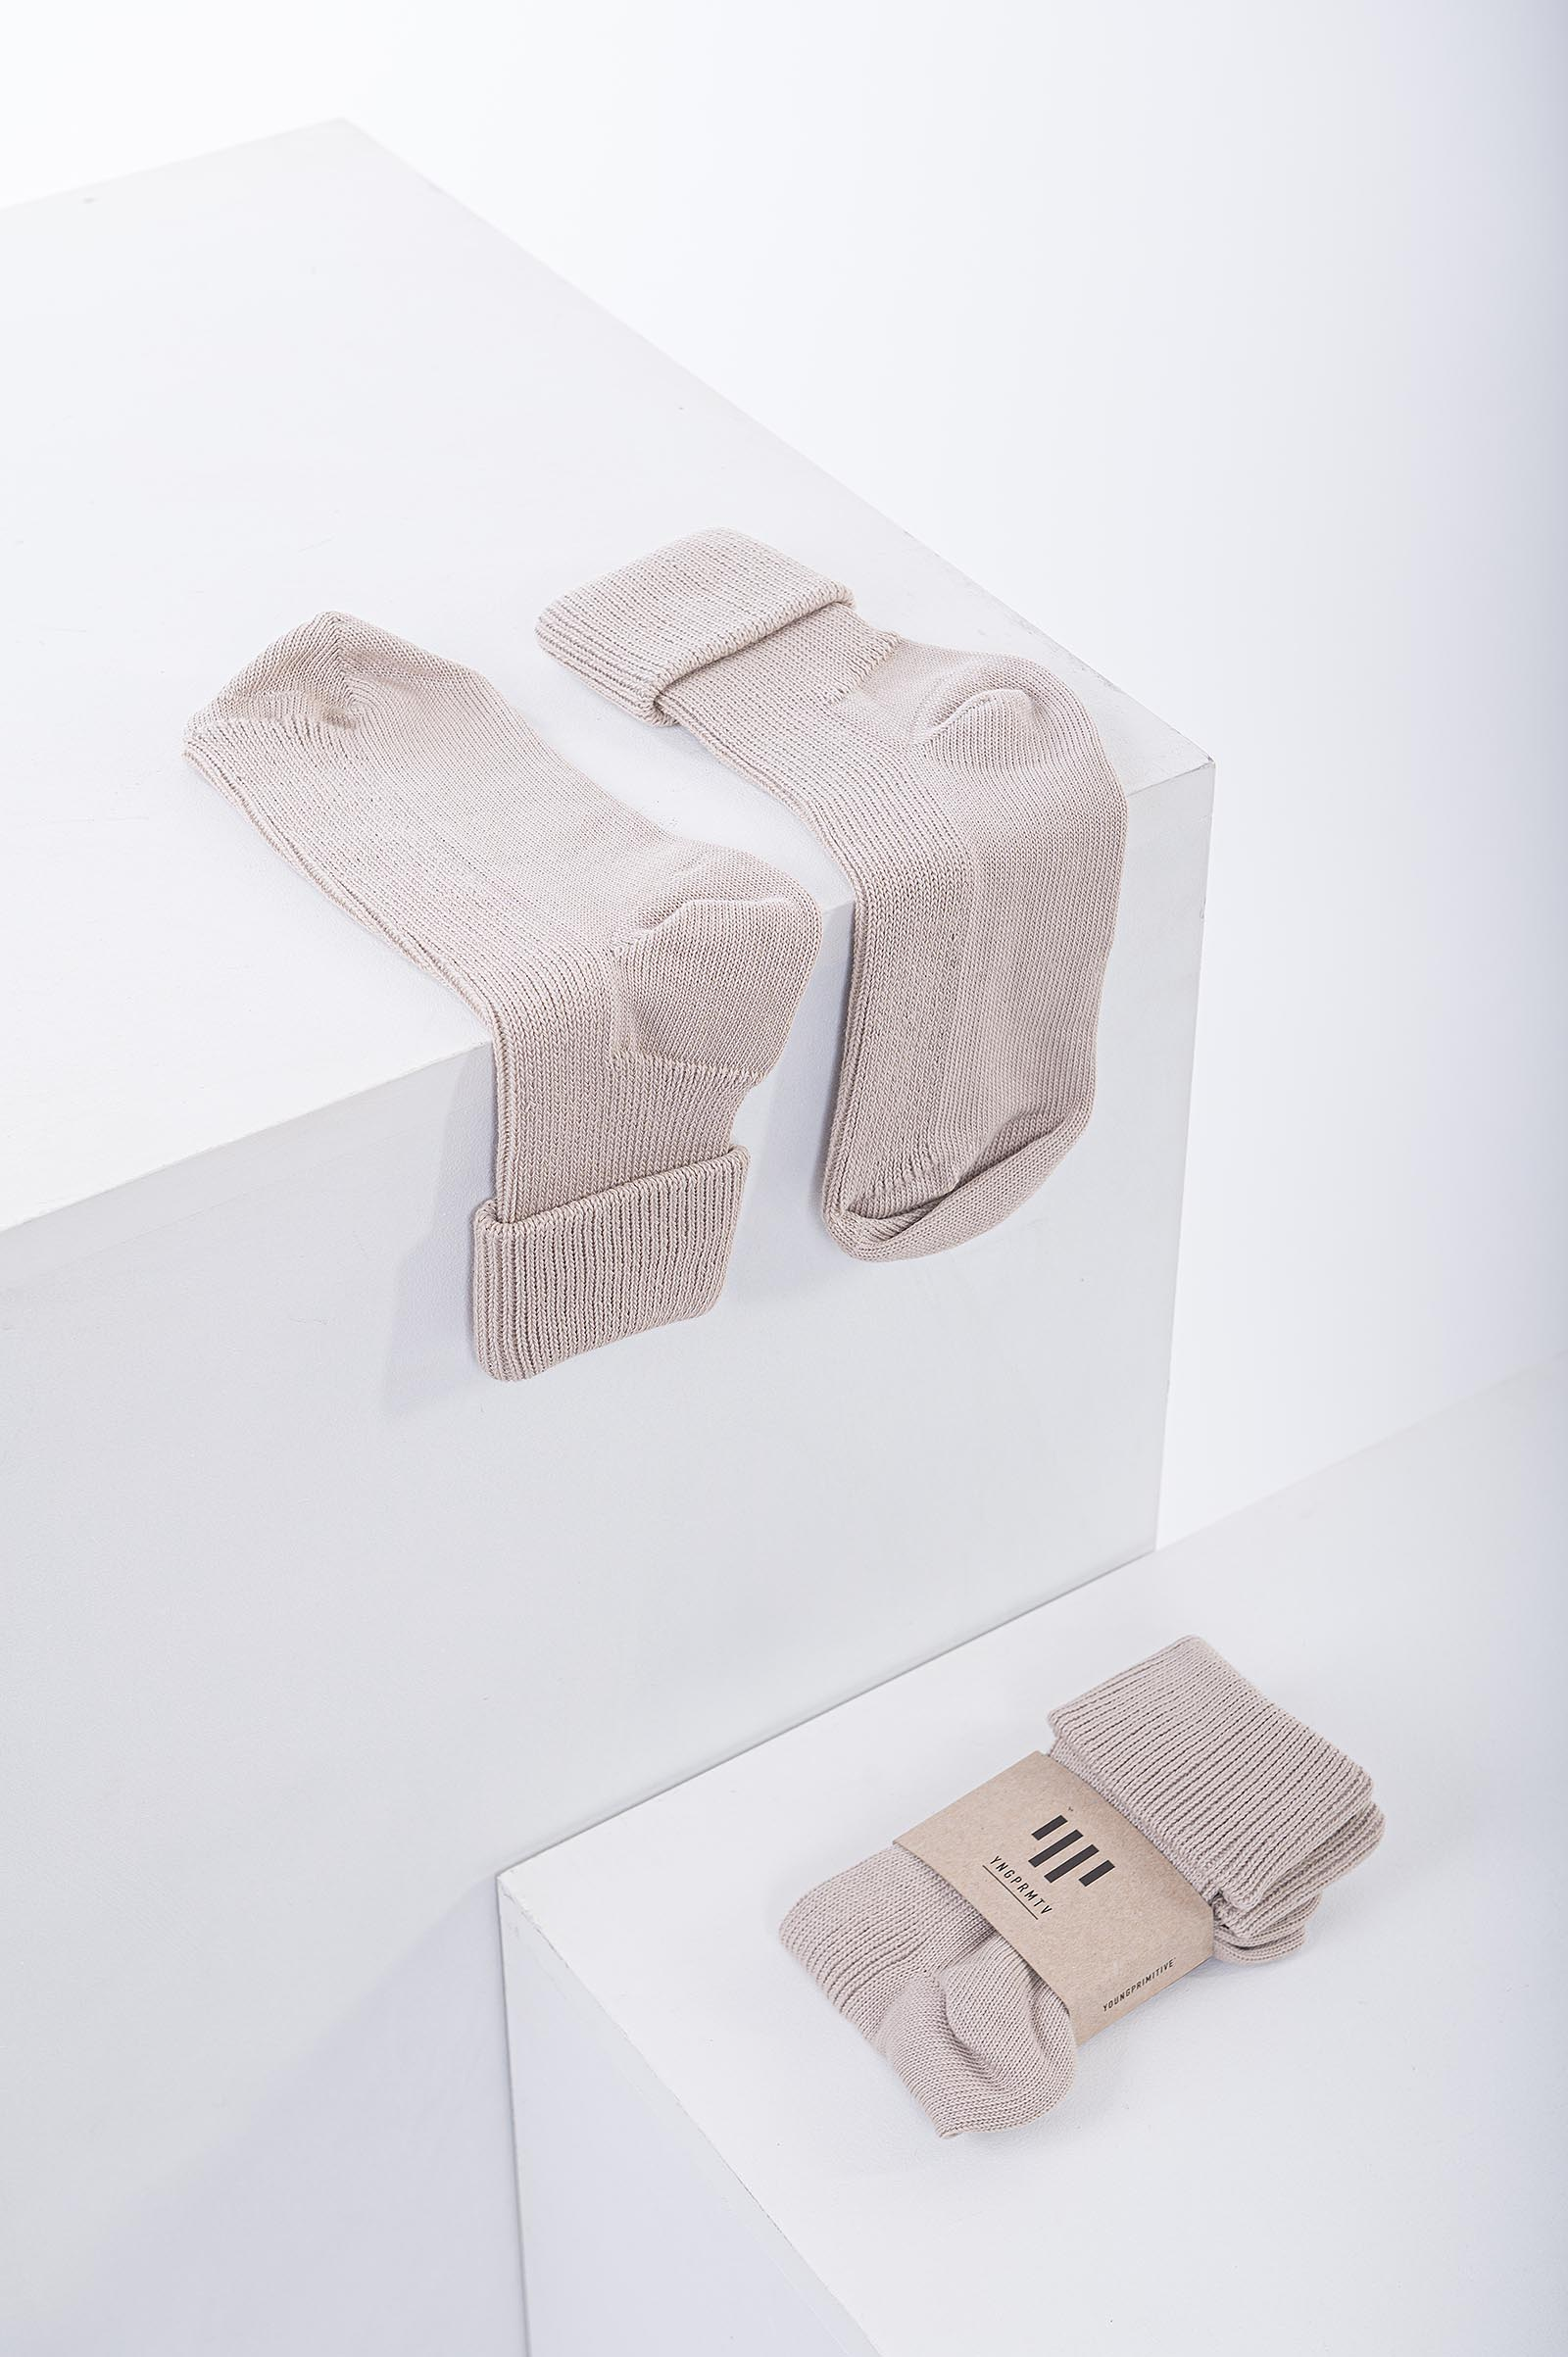 accesorries Fusky Lusky ecru